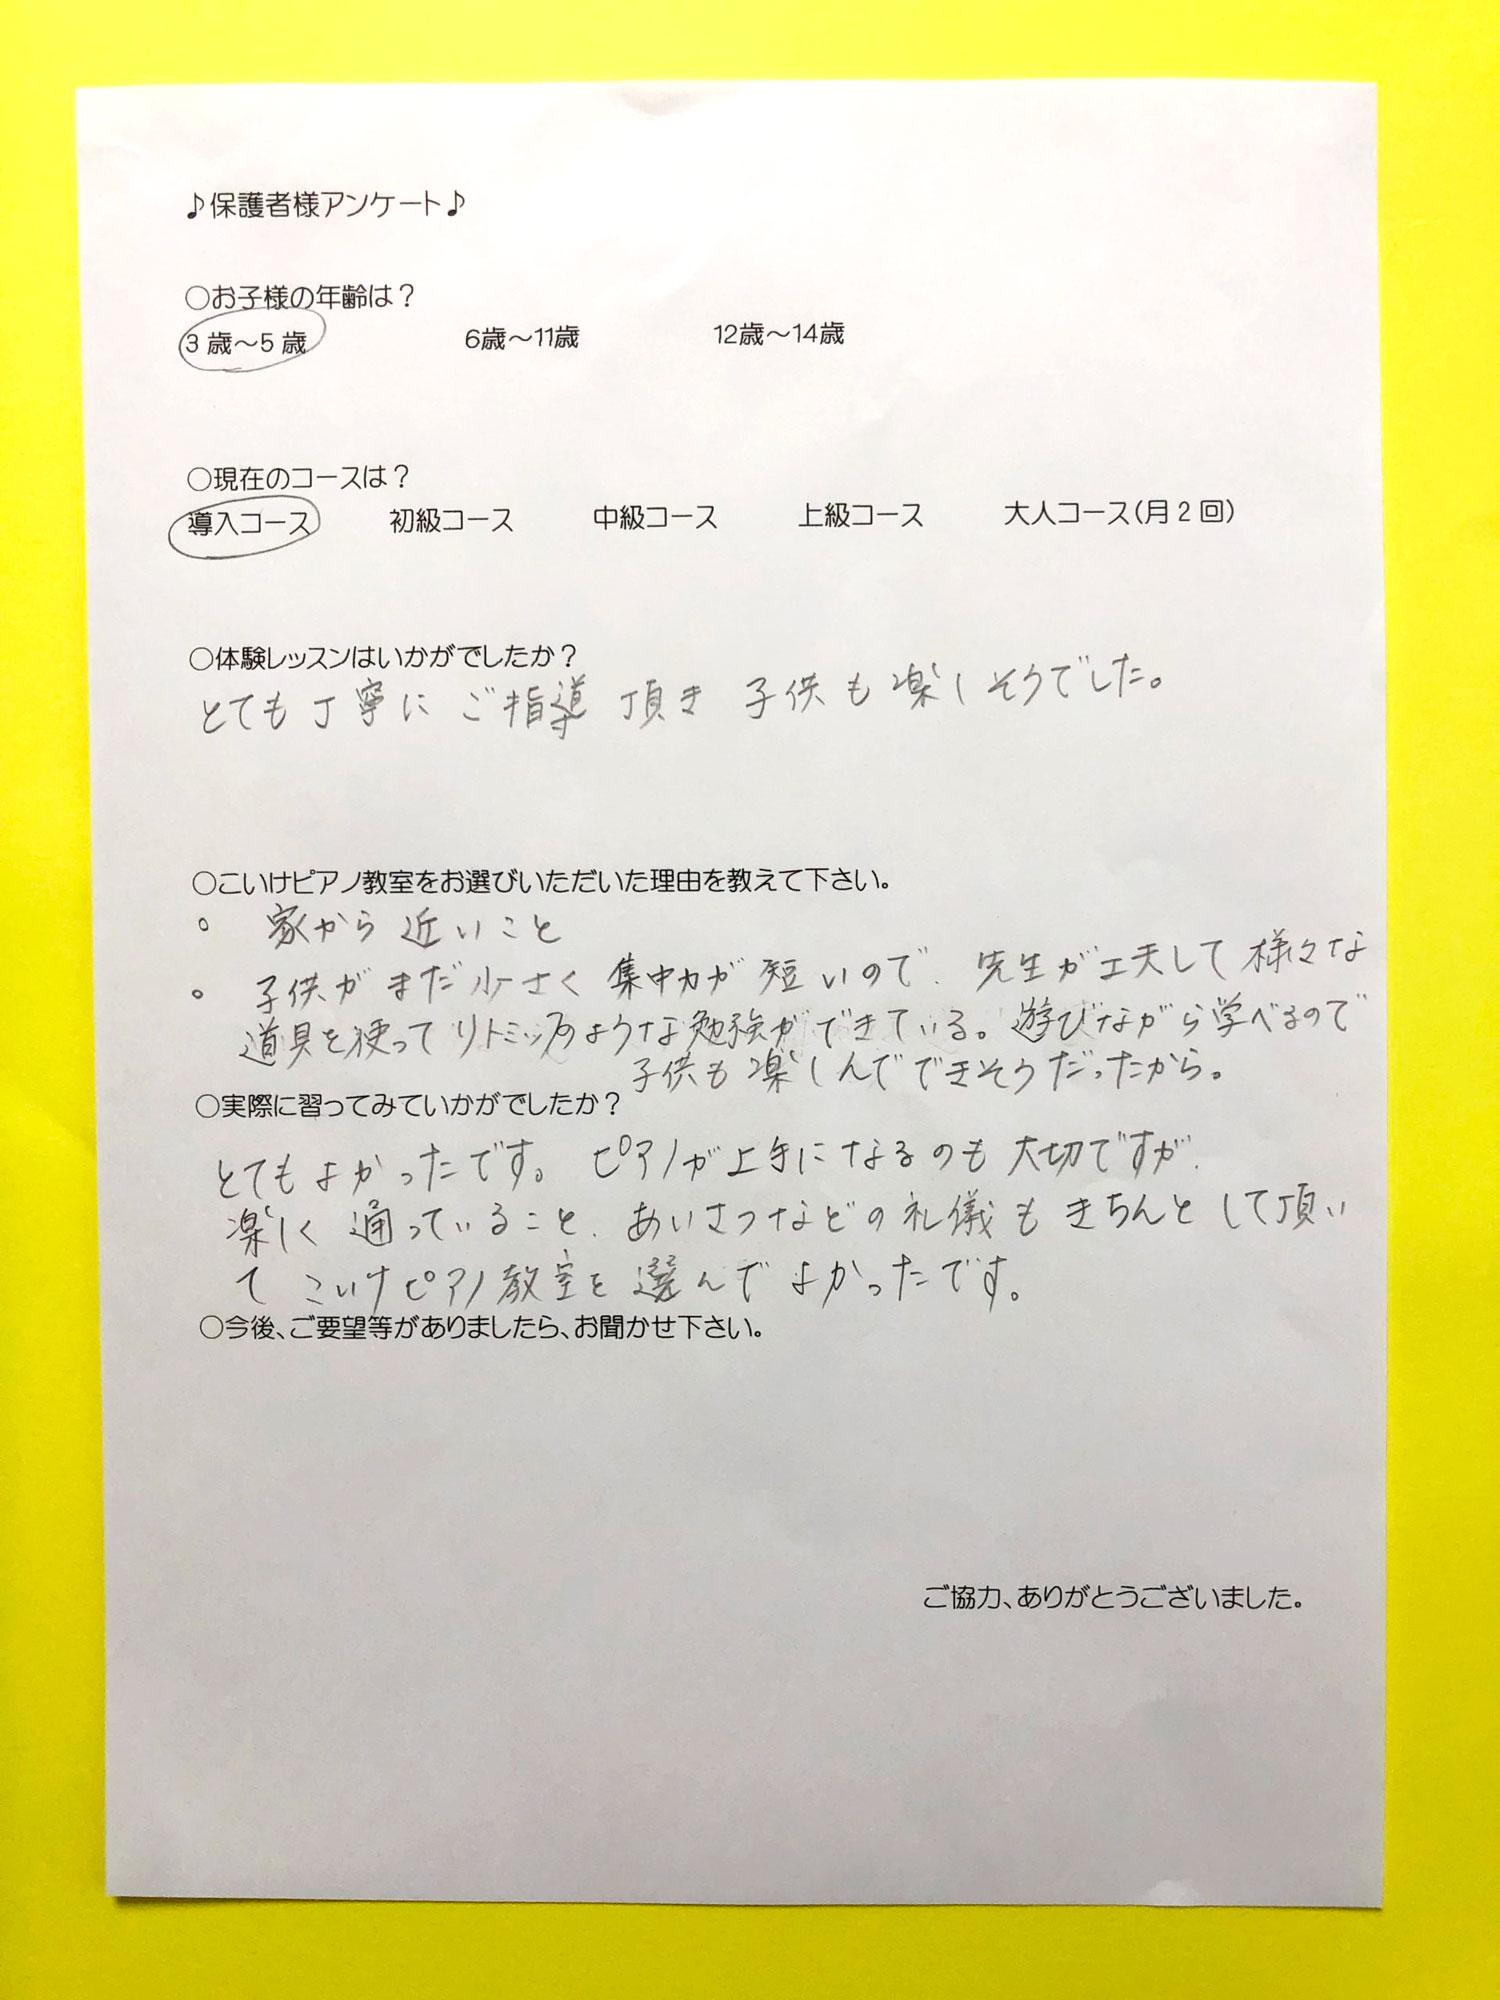 佐賀市 こいけピアノ教室 保護者様アンケート